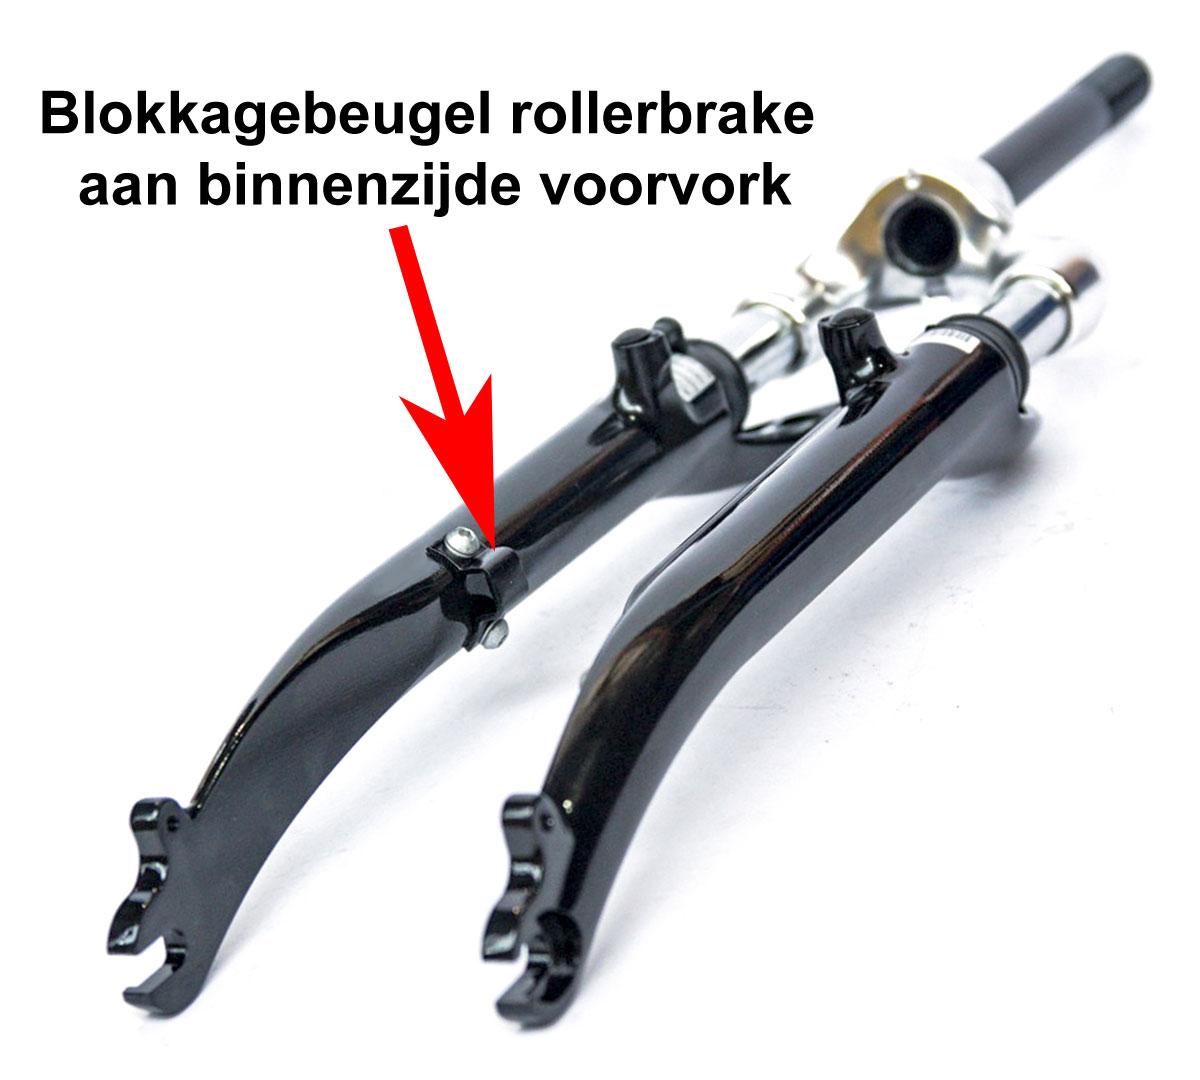 Blokkagebeugel Shimano rollerbrake binnenzijde voorvork